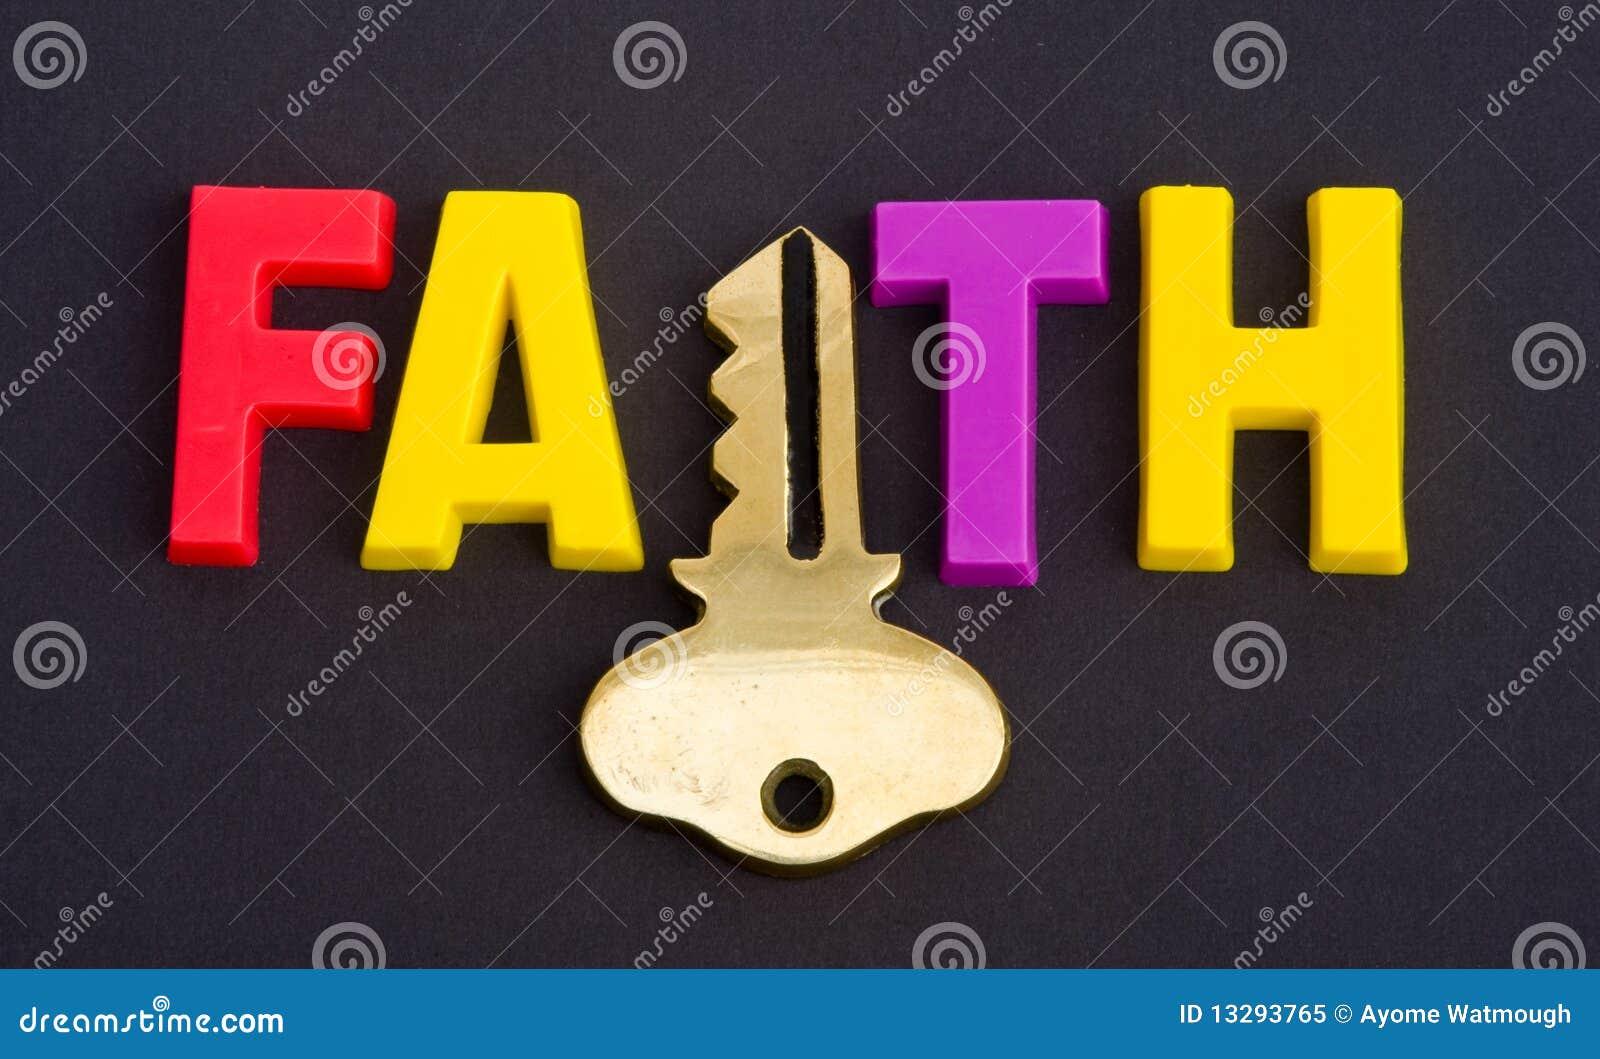 La foi retient la clé.